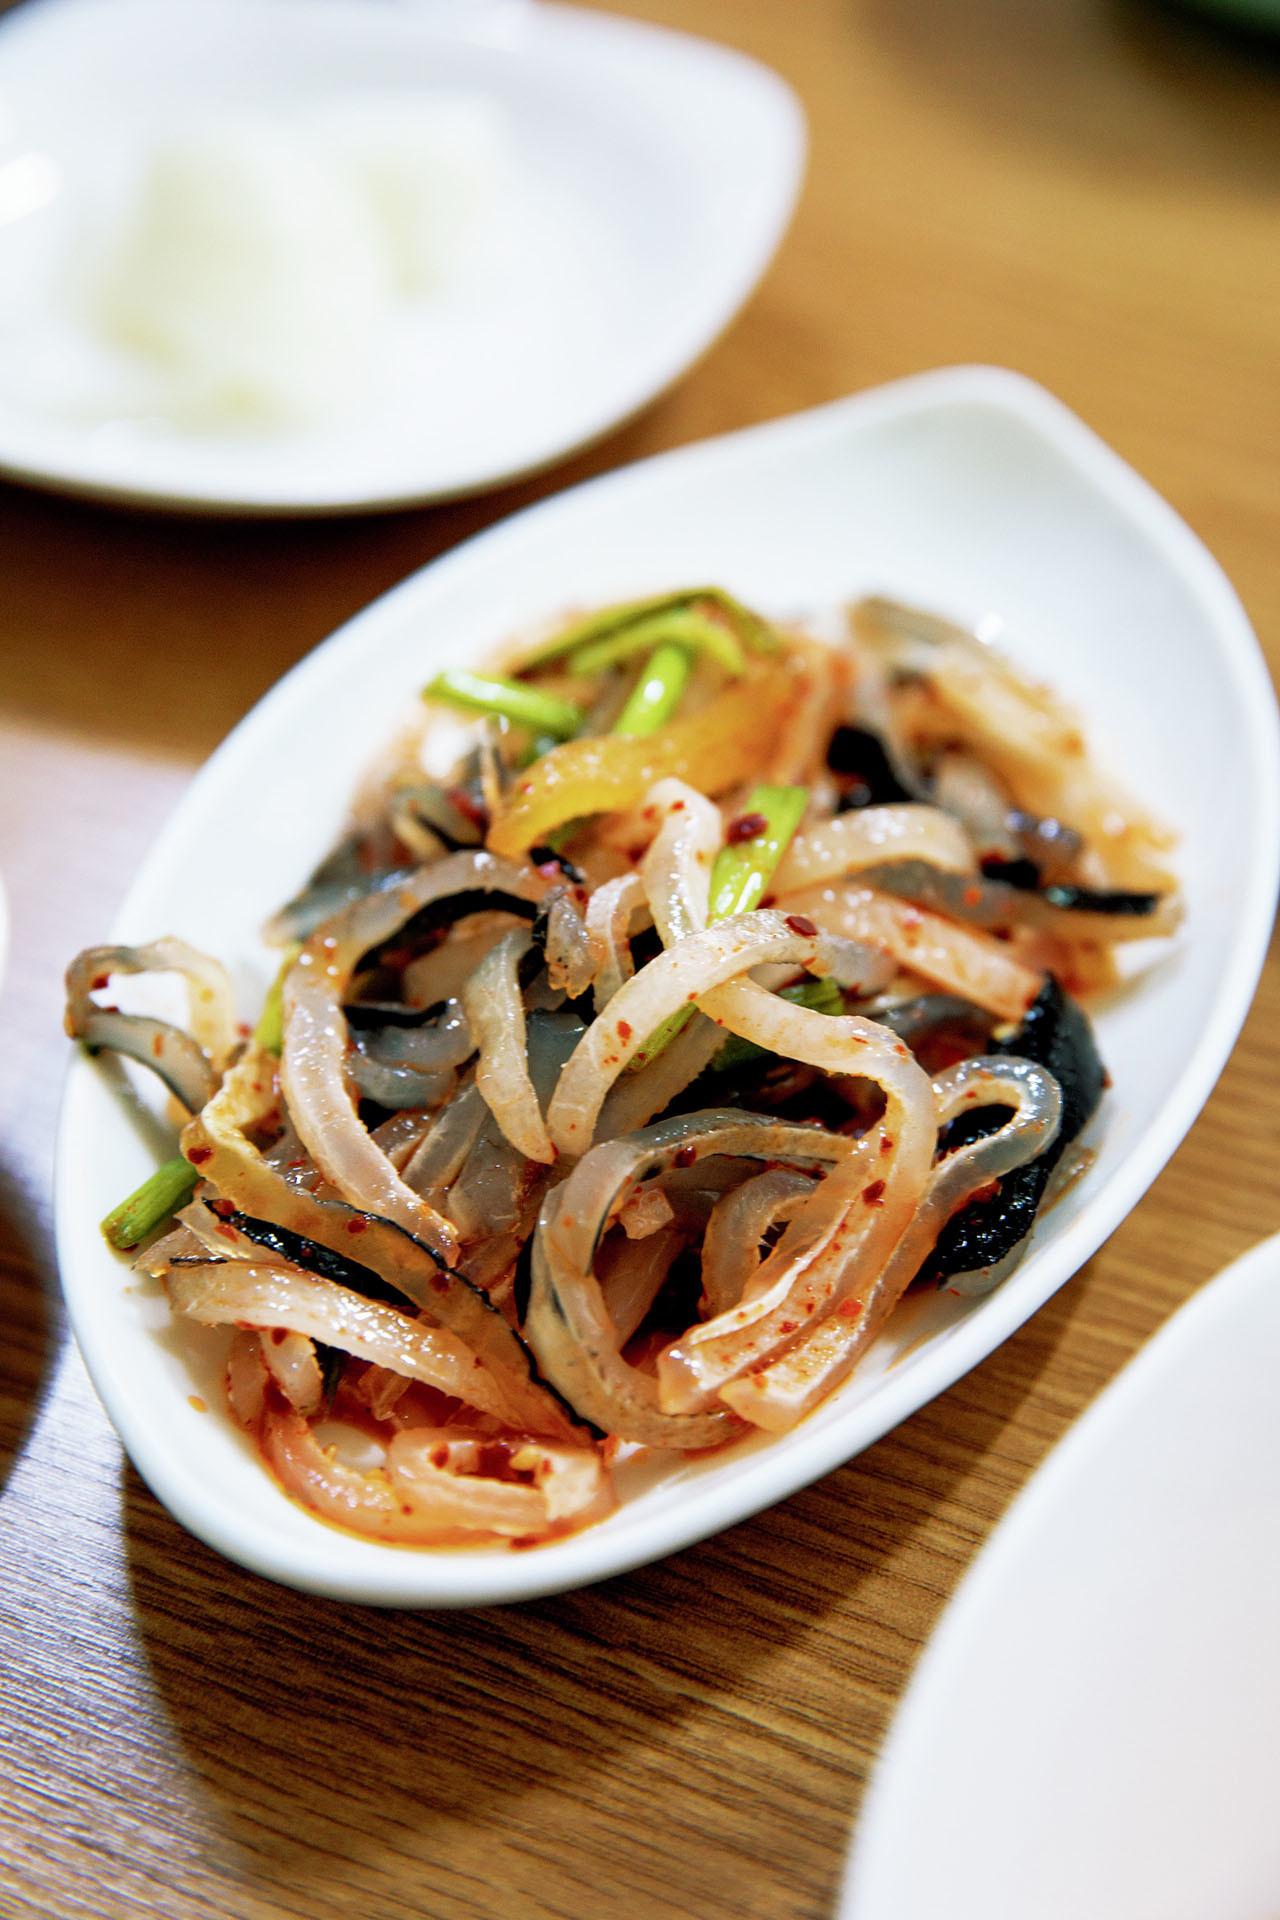 大人のためのソウル旅④お酒に合う韓国伝統料理 五選_4_1-2